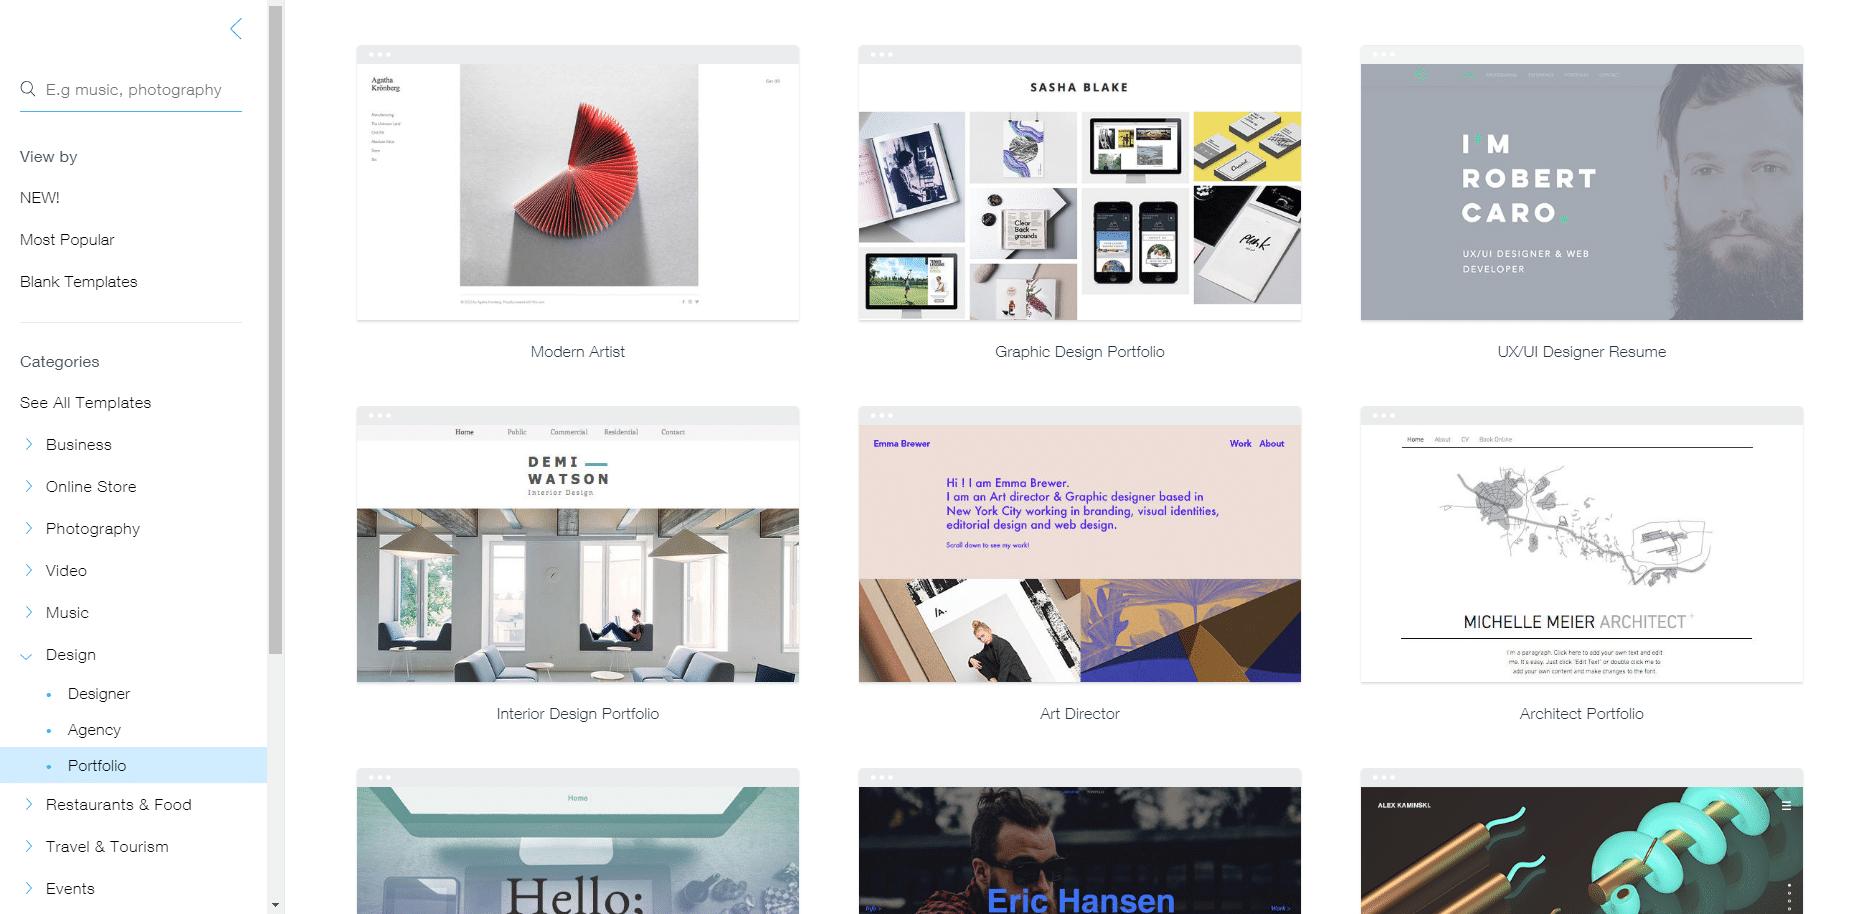 Top 10 Portfolio Sites for Designers | Sessions College